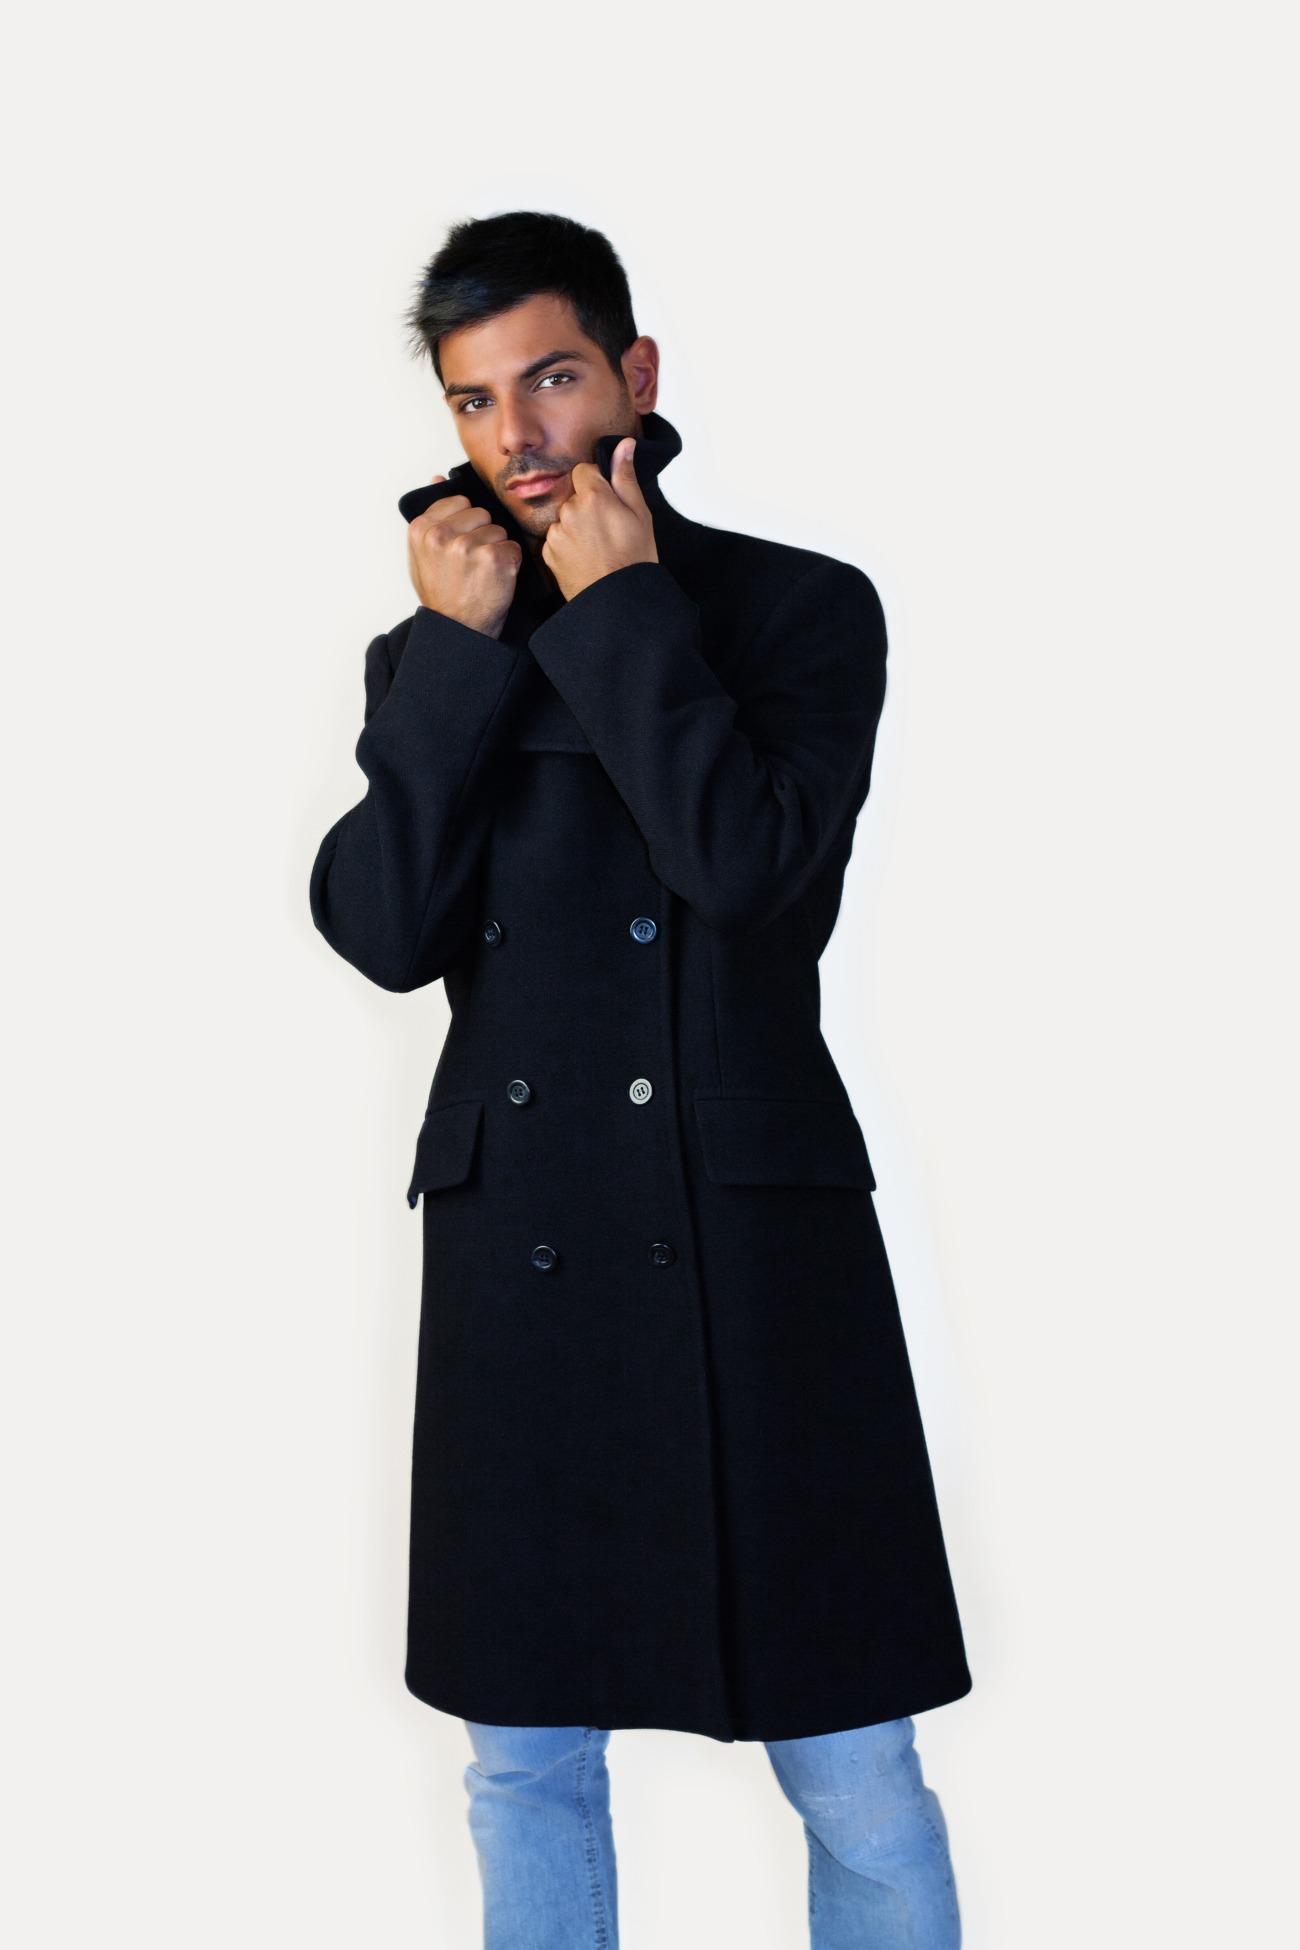 Cappotto doppiopetto uomo su misura